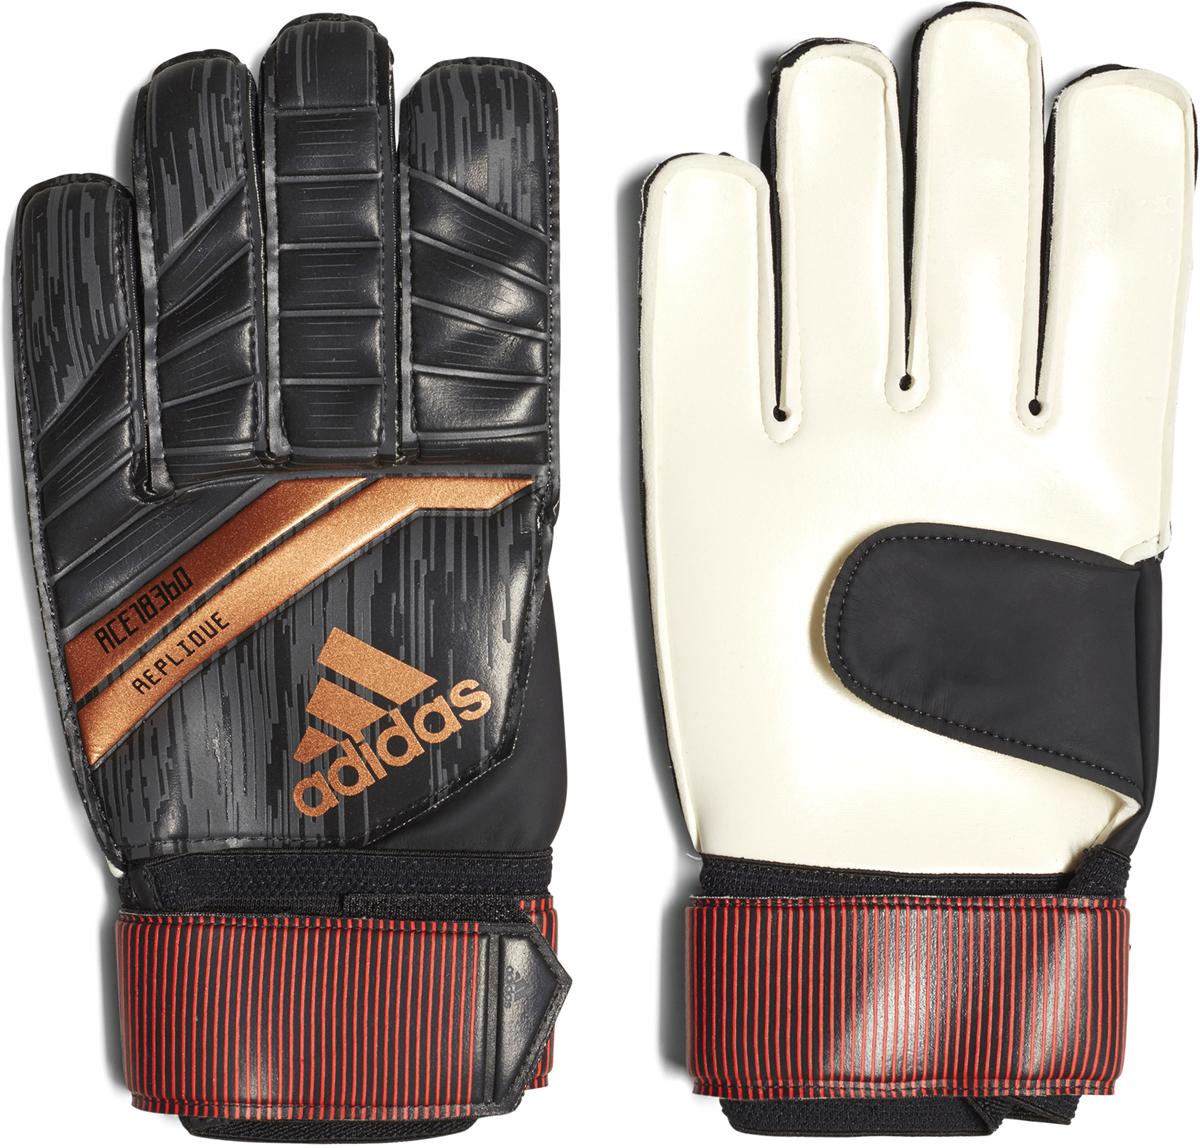 Перчатки вратарские Adidas Pre Replique, цвет: черный. Размер 9CF1363Цепкие перчатки для идеального захвата мяча. Отбивай, лови и блокируй во время каждого матча. Эти мужские футбольные перчатки созданы специально для вратарей. Практичный крой с наружными швами обеспечивает комфорт. Латексная вставка на ладони увеличивает сцепление и контакт с мячом.Мягкое покрытие Soft Grip Pro из латекса на ладонях обеспечивает хорошее сцепление, амортизацию и надежность при любых погодных условиях. Благодаря специальному крою positive cut с наружными швами перчатки комфортно сидят на руках и отлично подходят футболистам с более широкими ладонями. Эластичный манжет для идеальной посадки и поддержки запястья. Ремешок вокруг запястья для точной подгонки по размеру. 83% ЭВА / 15% пенополиэтилен / 2% другие материалы.